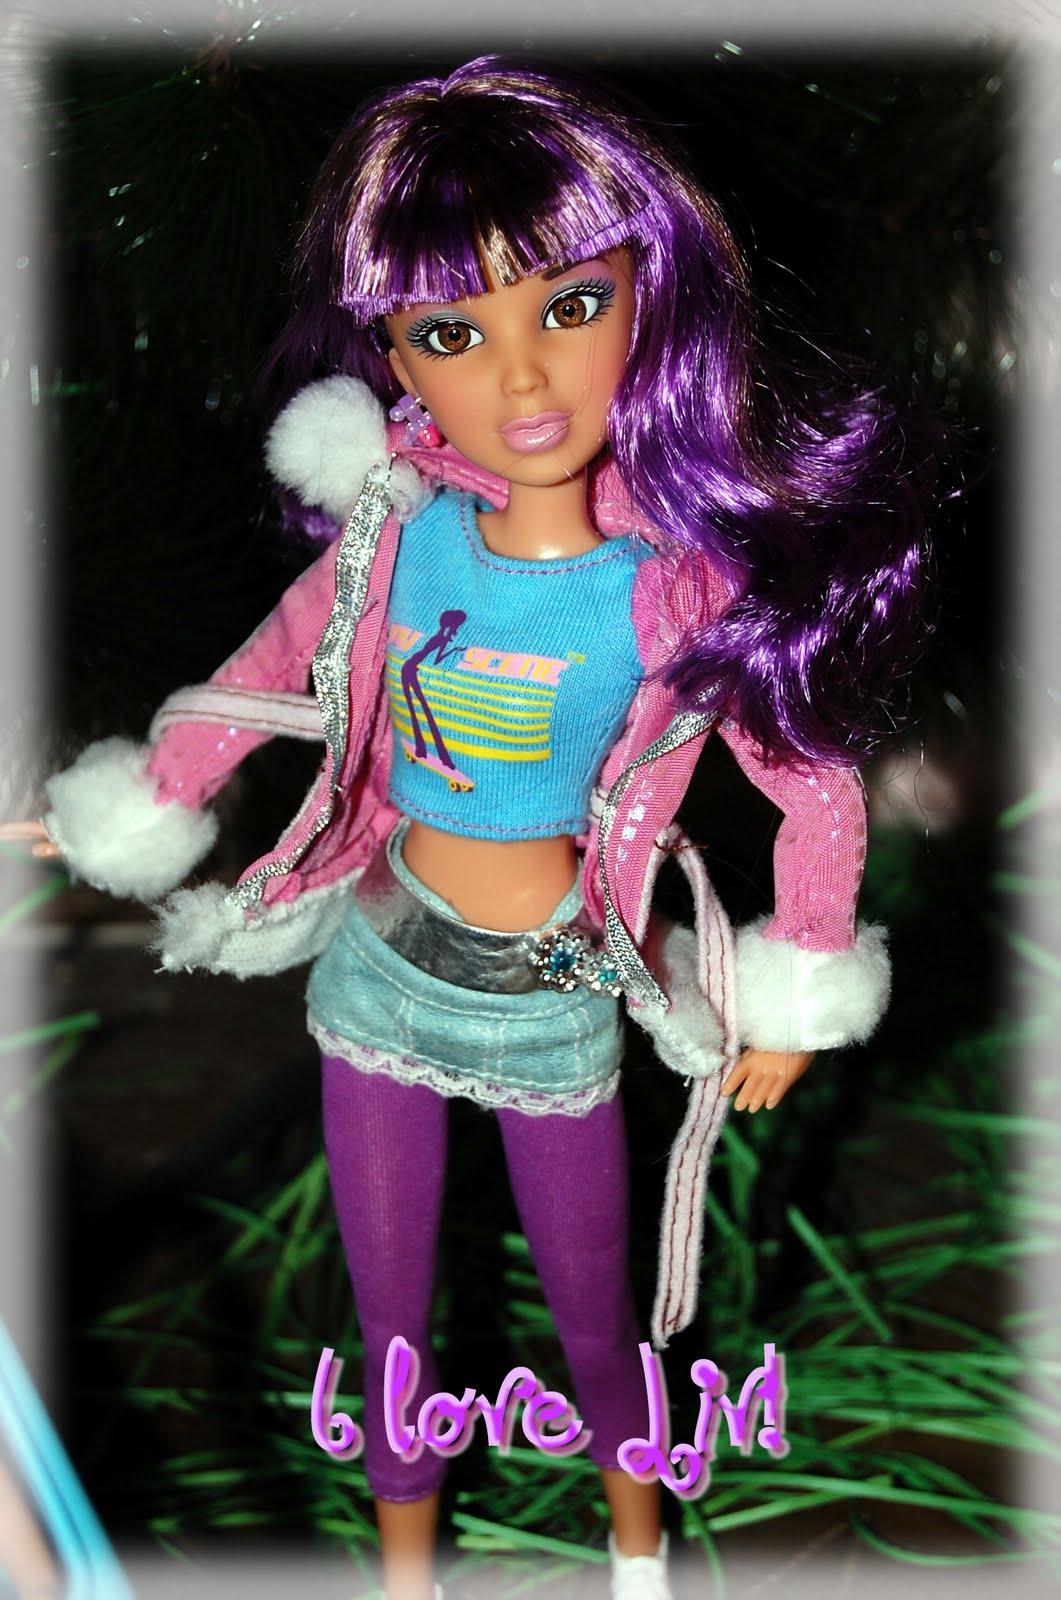 Joi barbie pr - 1 1